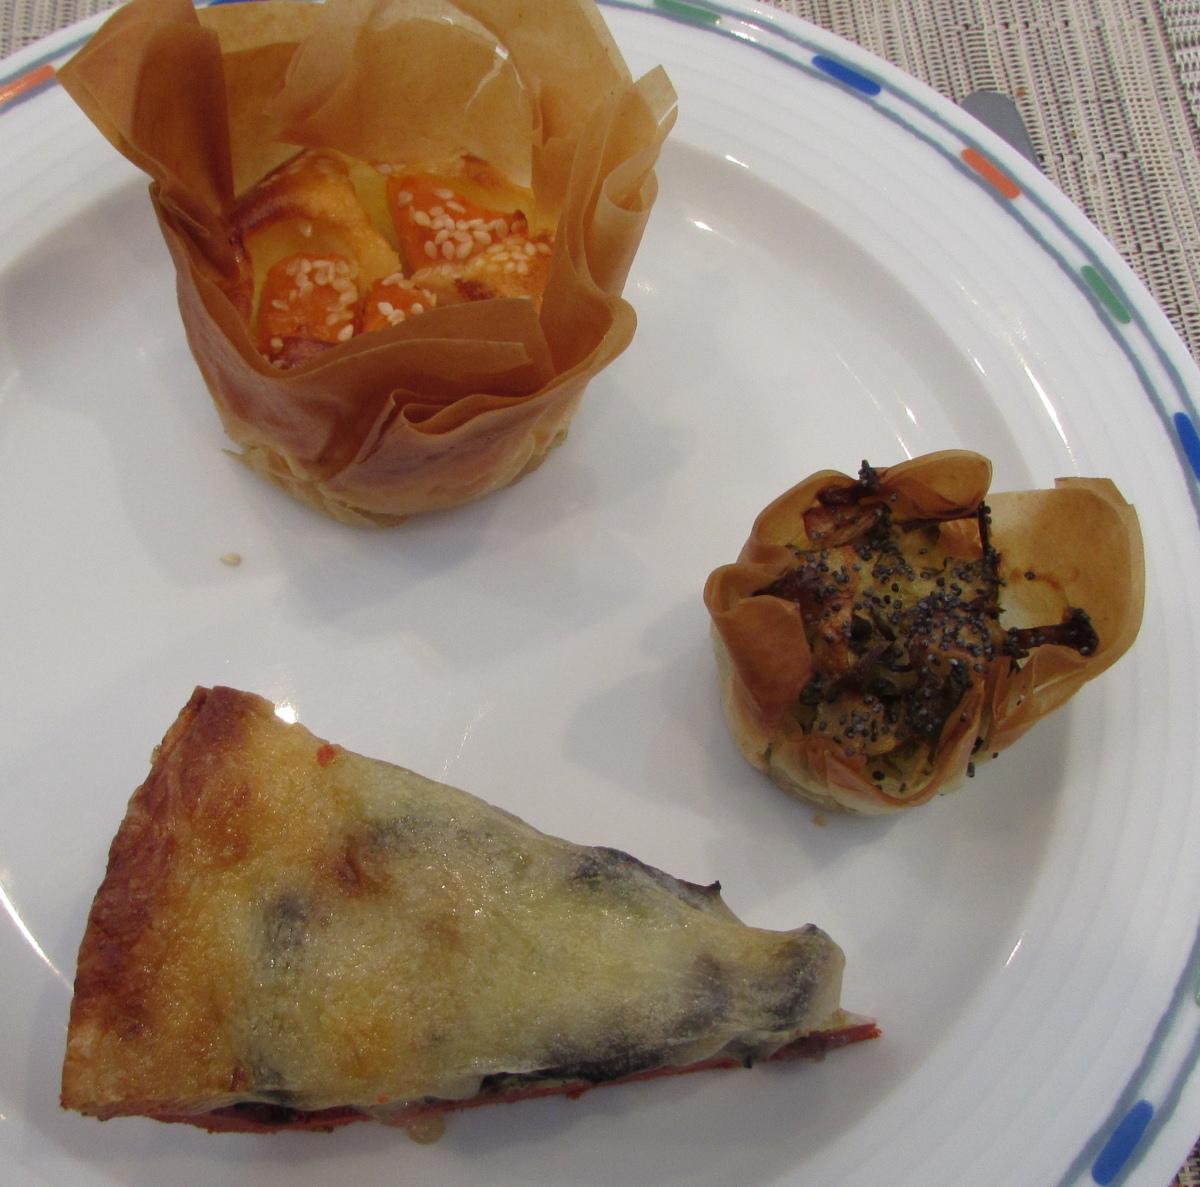 עלי פילו, לזניה ארוחת בוקר מלון רויאל ביץ אילת